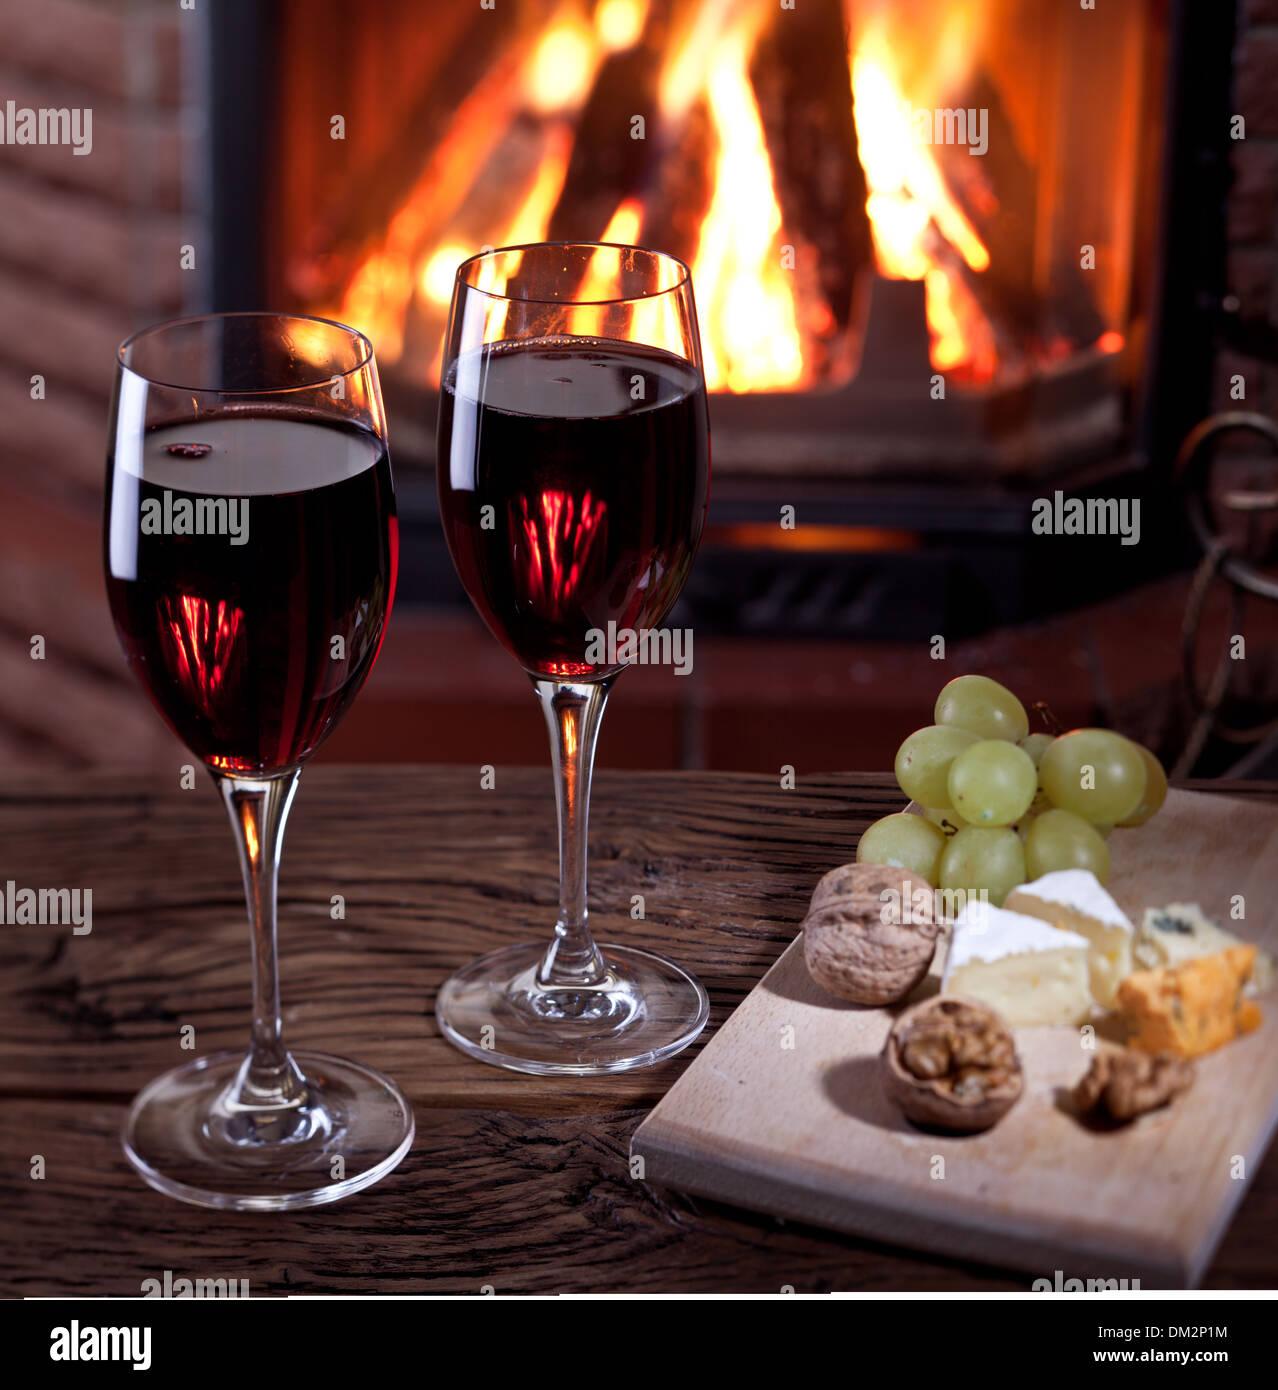 La Vie Encore Romantique Pres De La Cheminee Verres De Vin Fromage